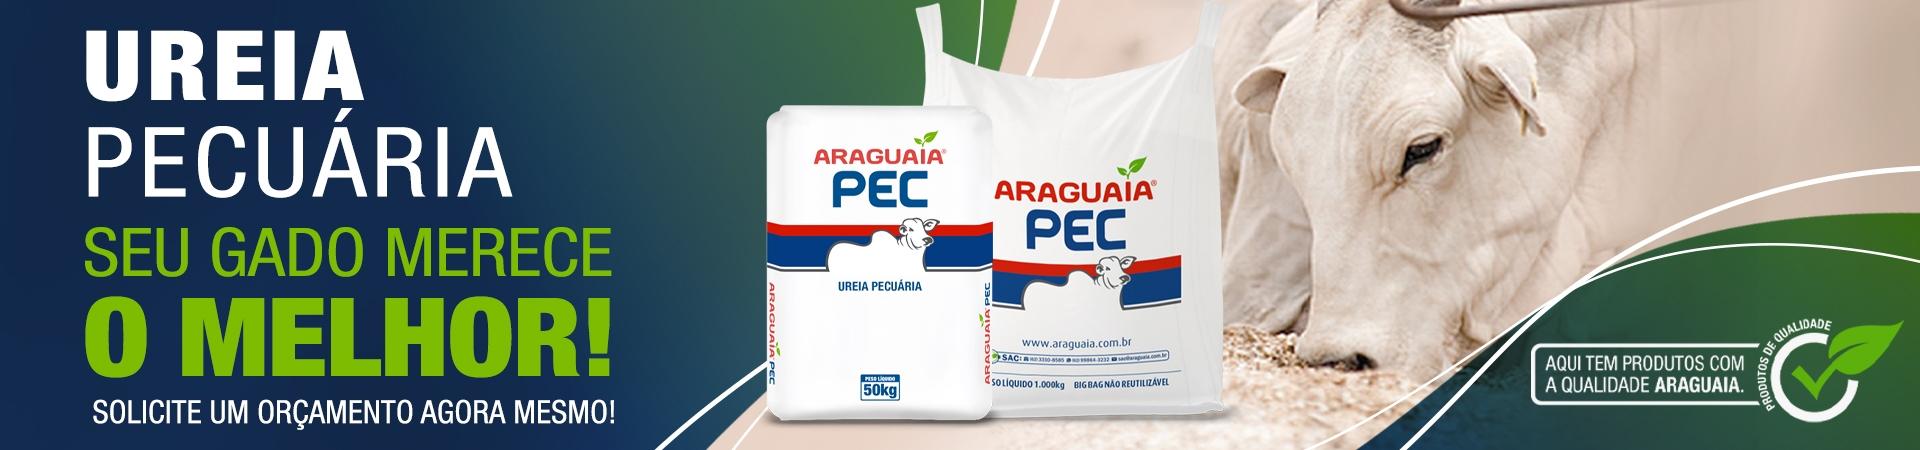 Banner Ureia Pecuaria 1920x450